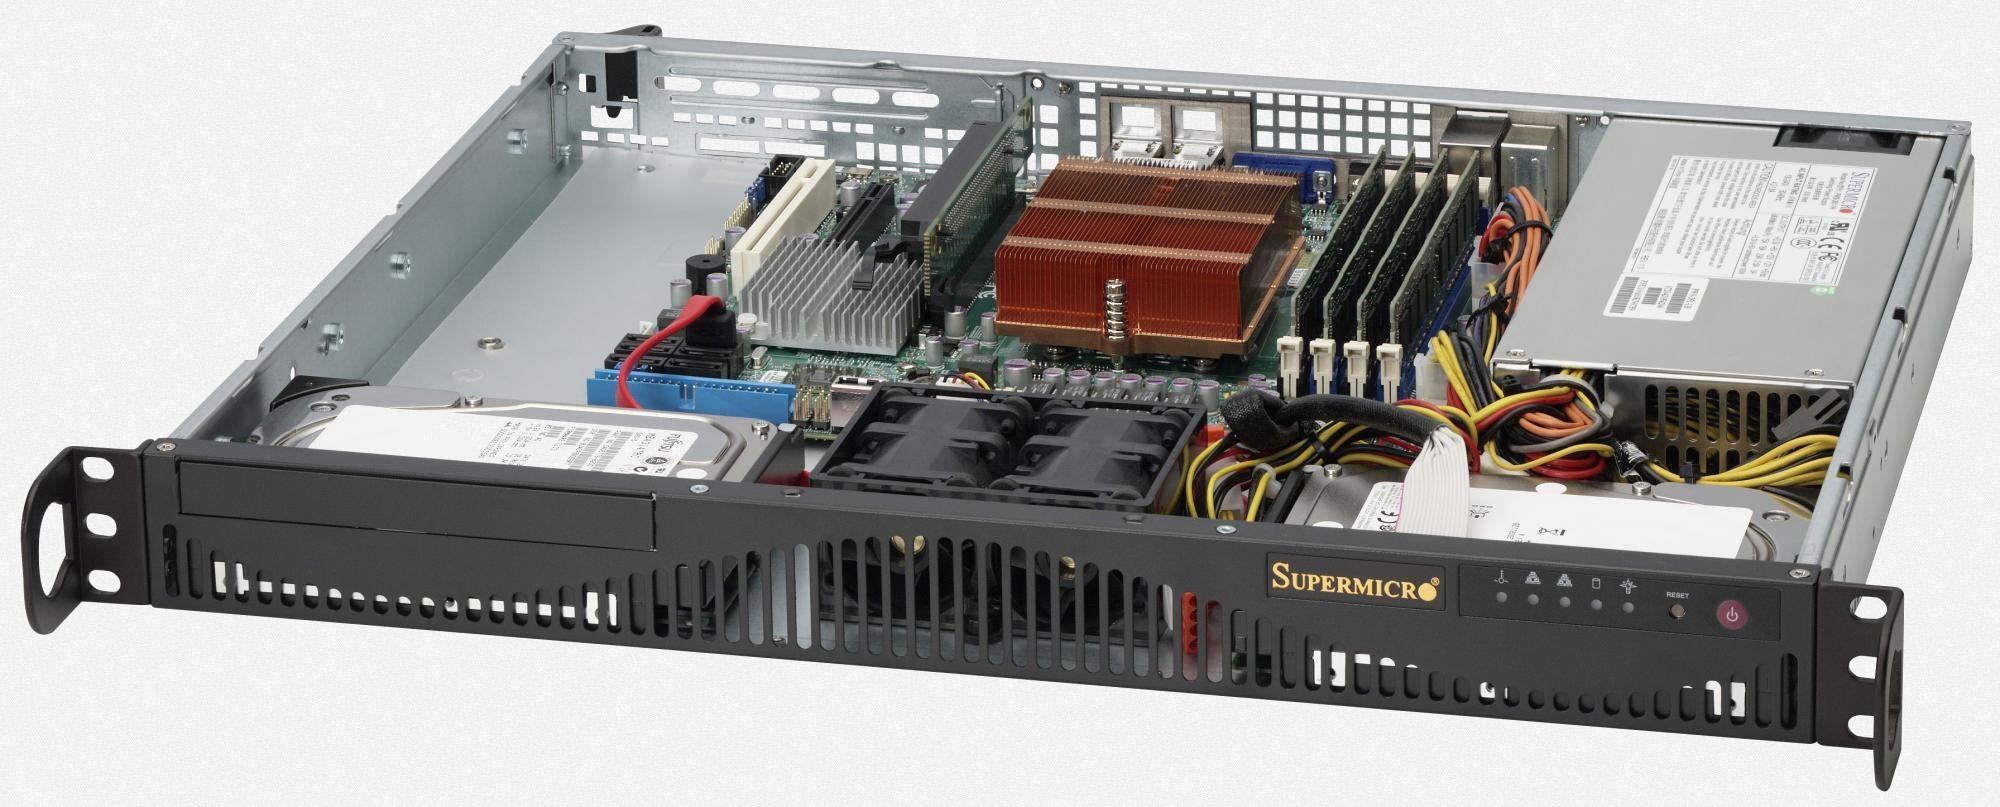 Supermicro CSE-512F-350B 350W Black computer case